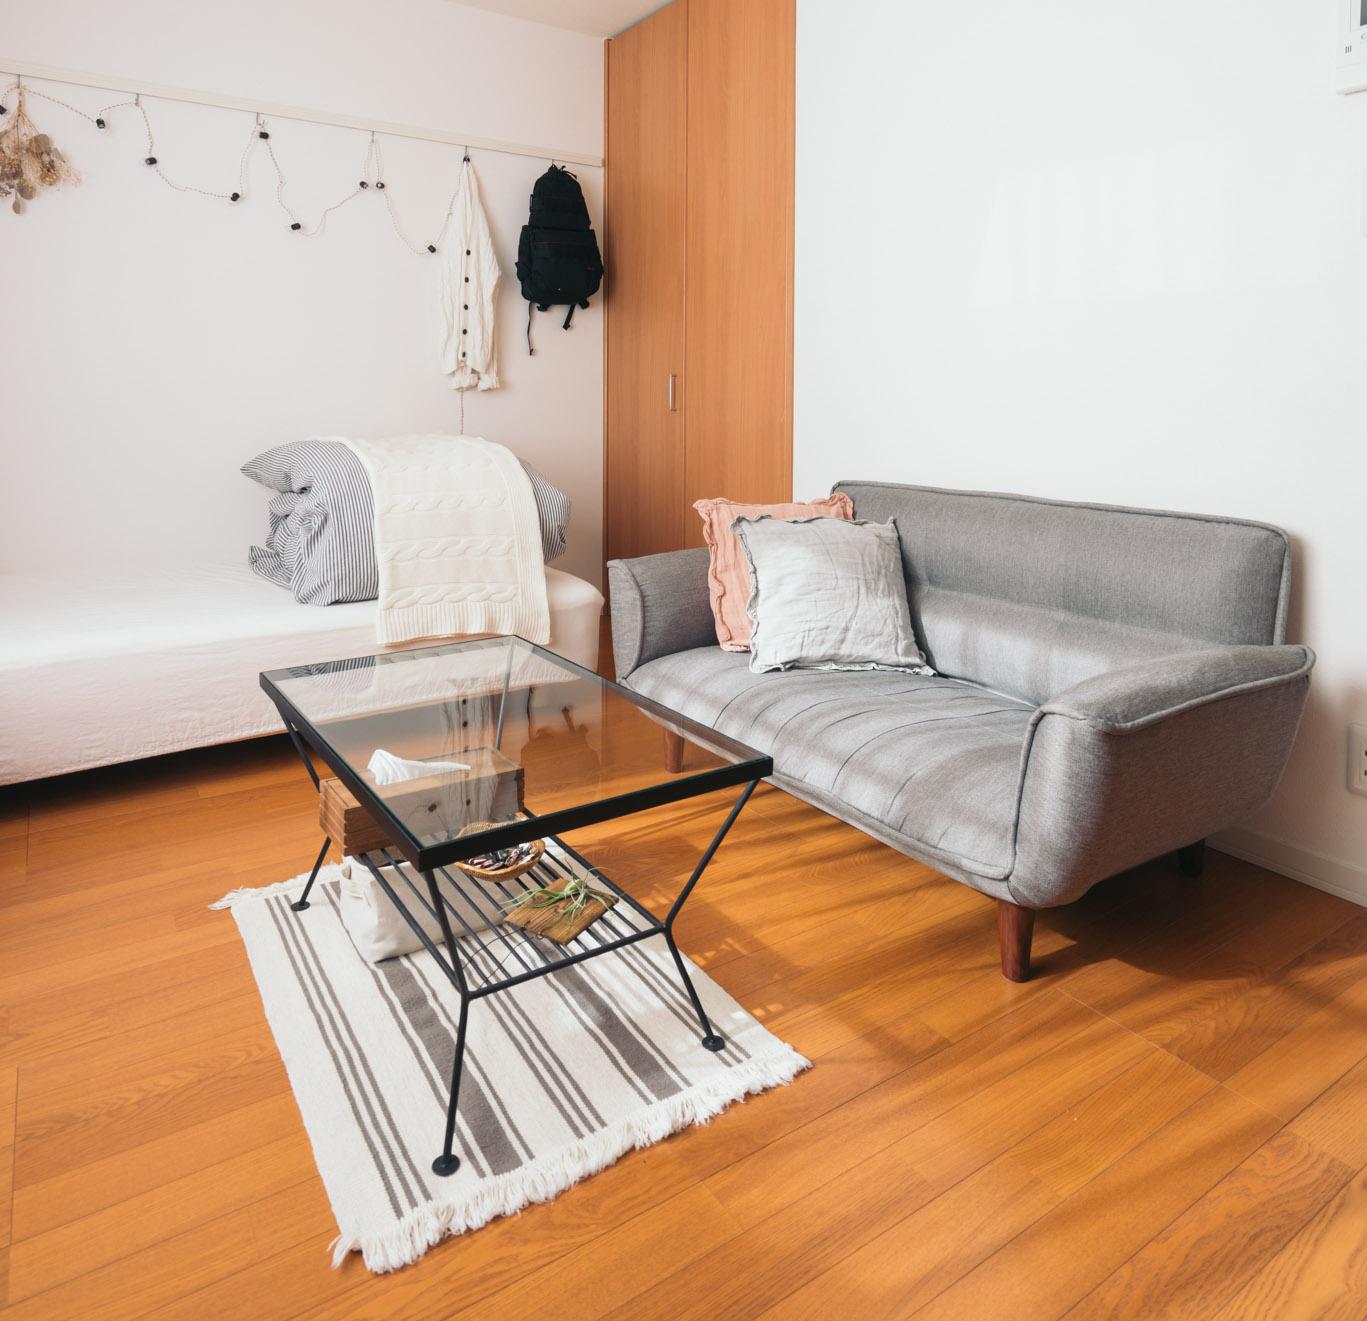 ニトリのコンパクトソファは、色や形も豊富。生活スタイルの変化に合わせて買い替えしやすい値段のものを選んでおく、というのもアリだと思うんです。(このお部屋はこちら)